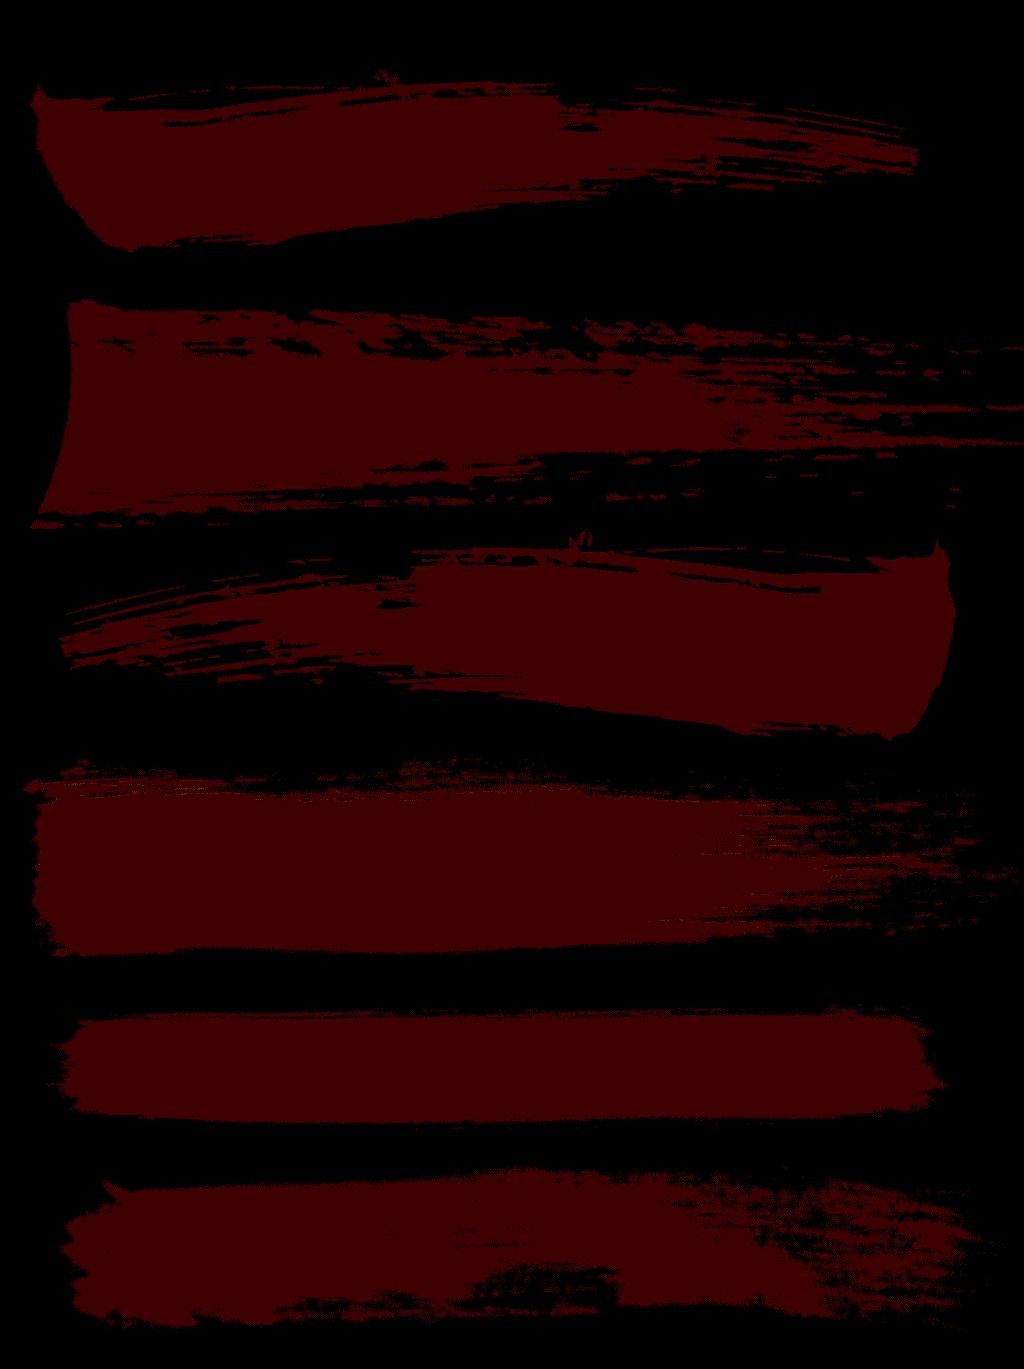 شرح تصميم قران خورافي للانستقرام | ملحقات للتصميم